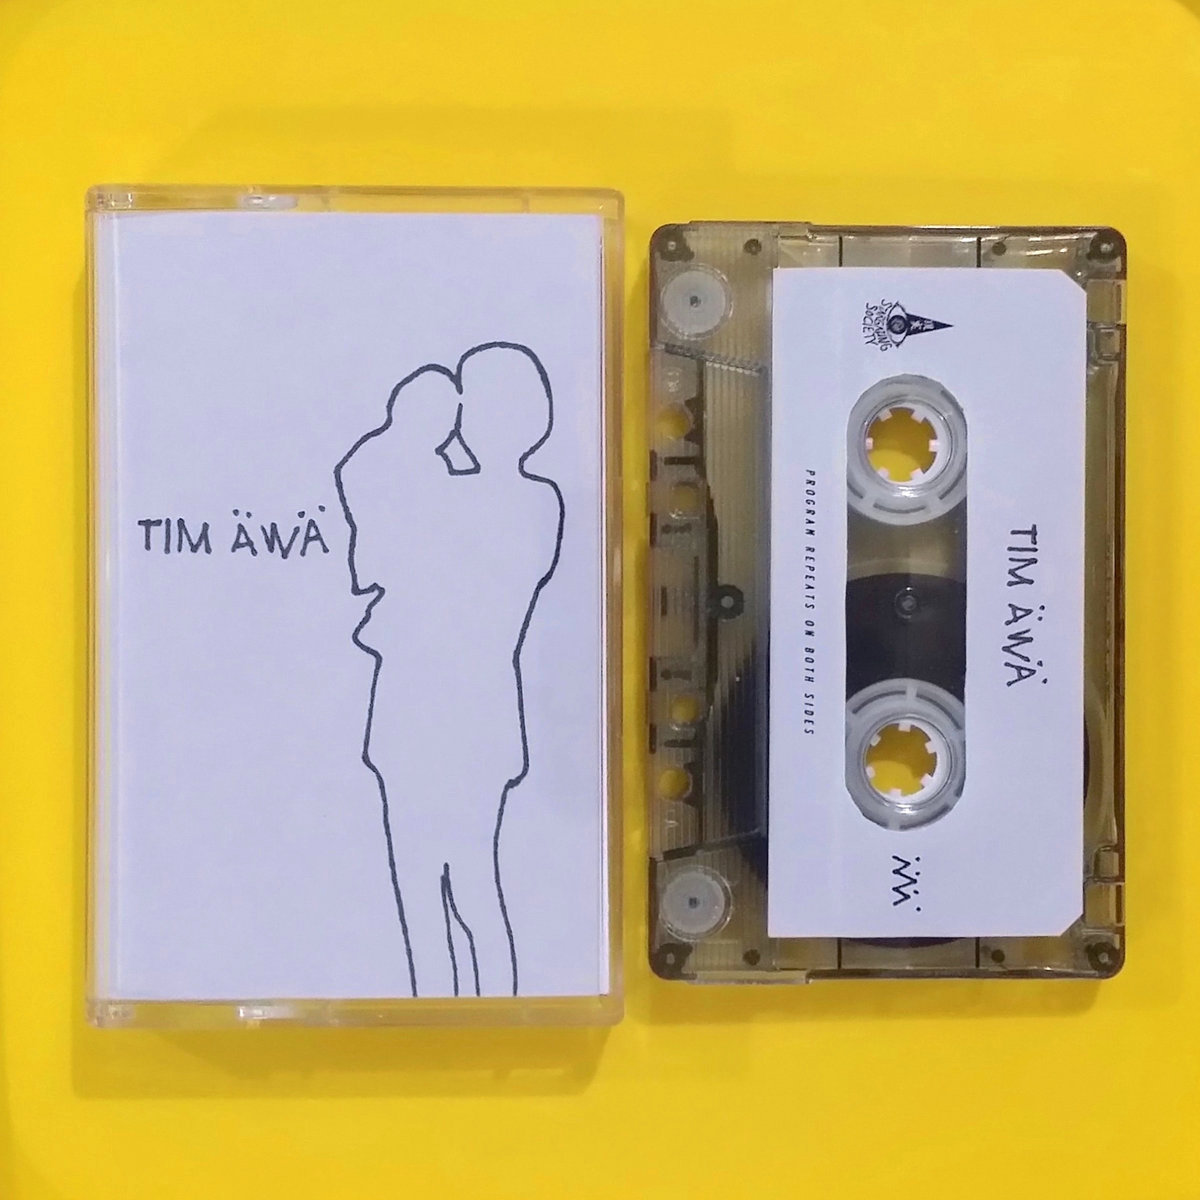 [SOLD] TIM ÄWÄ - TIM ÄWÄ (Genjitsu Stargazing Society)